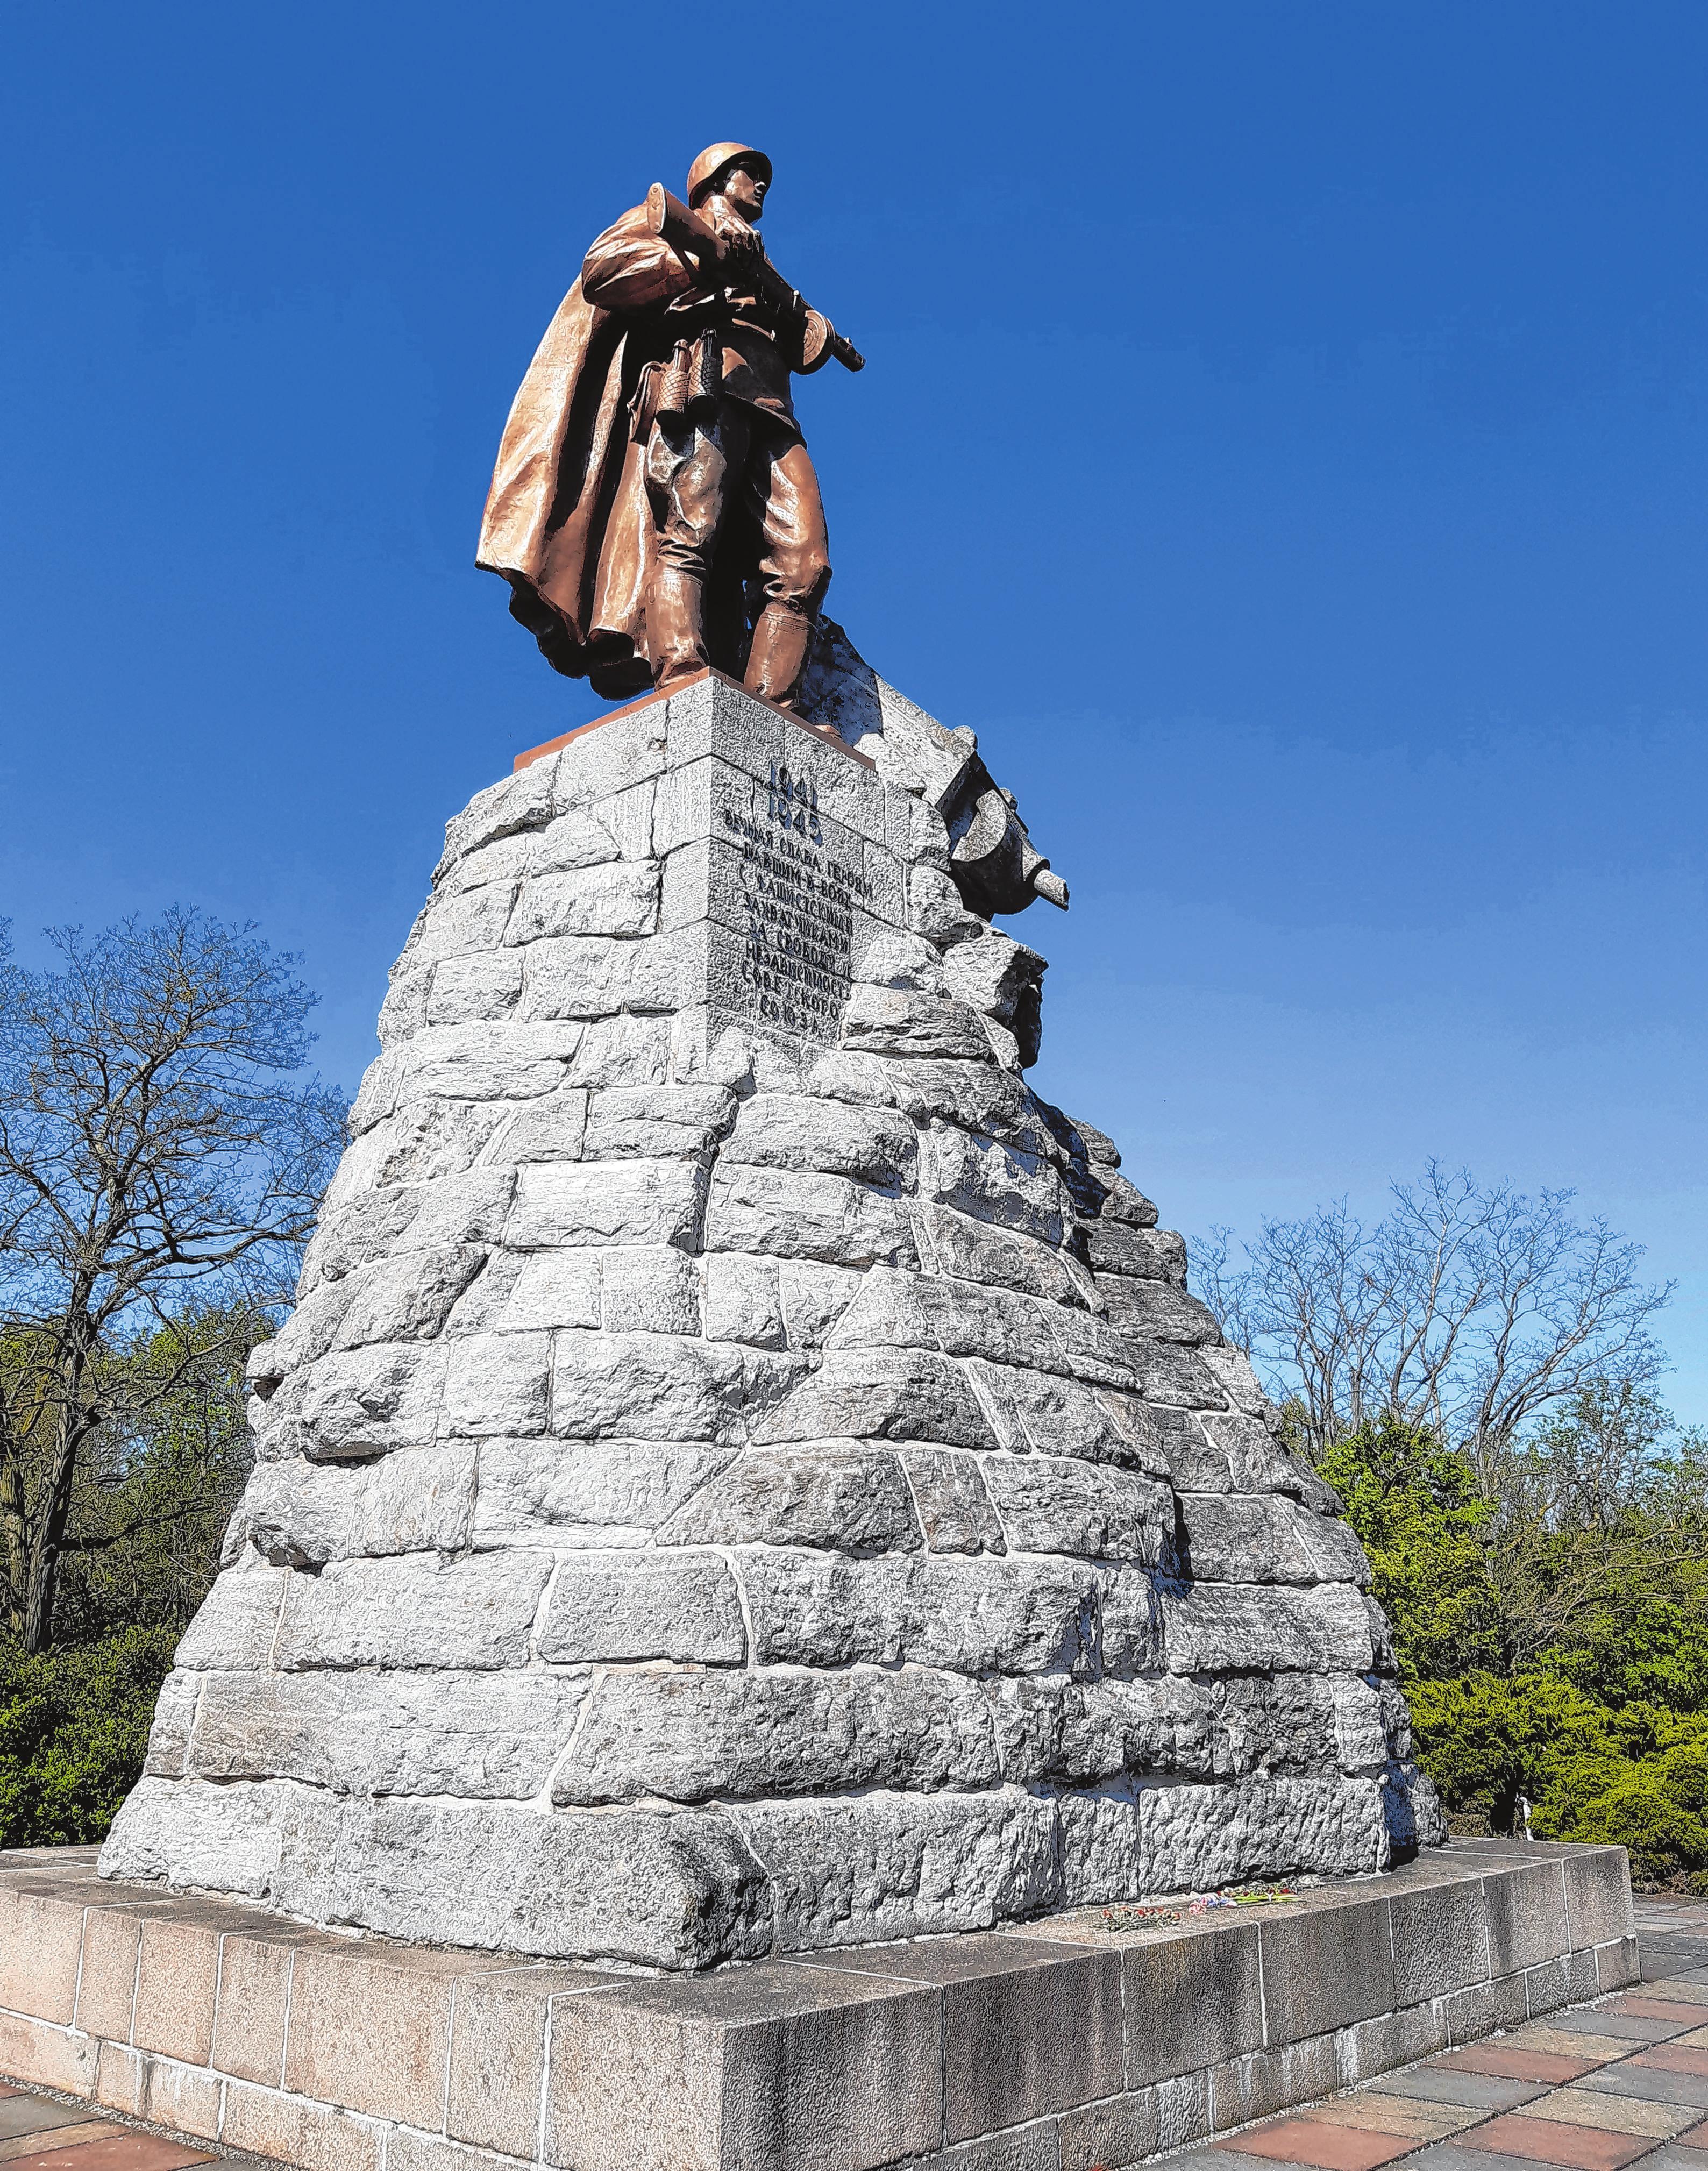 Das Erkennungszeichen der Gedenkstätte: die Statue des unbekannten Soldaten von dem sowjetischen Bildhauer Lew Kerbel.